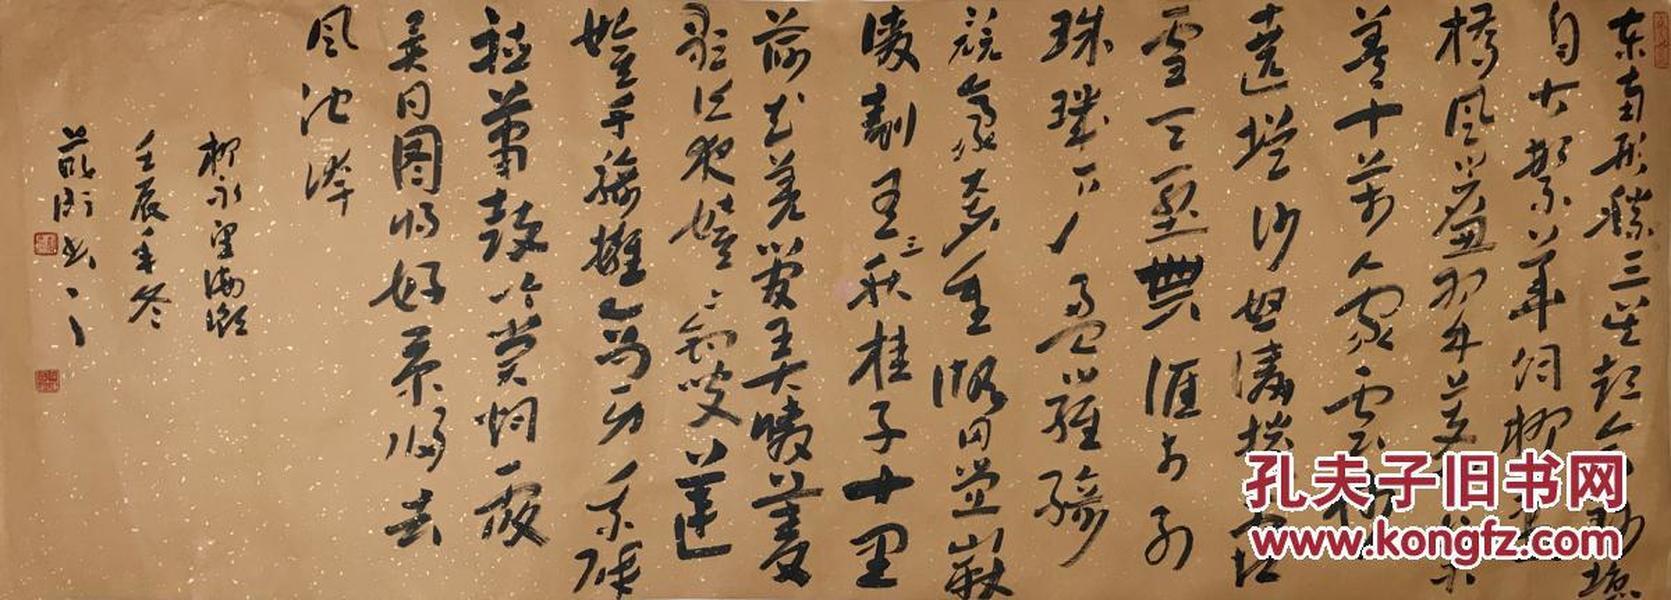 【好书法特卖】【来自书画家本人 保真】中国书画报社特聘书法家 、中国书法研究院艺术委员会会员,中国书法家协会会员薛卫 书法横幅10(52×143CM)。